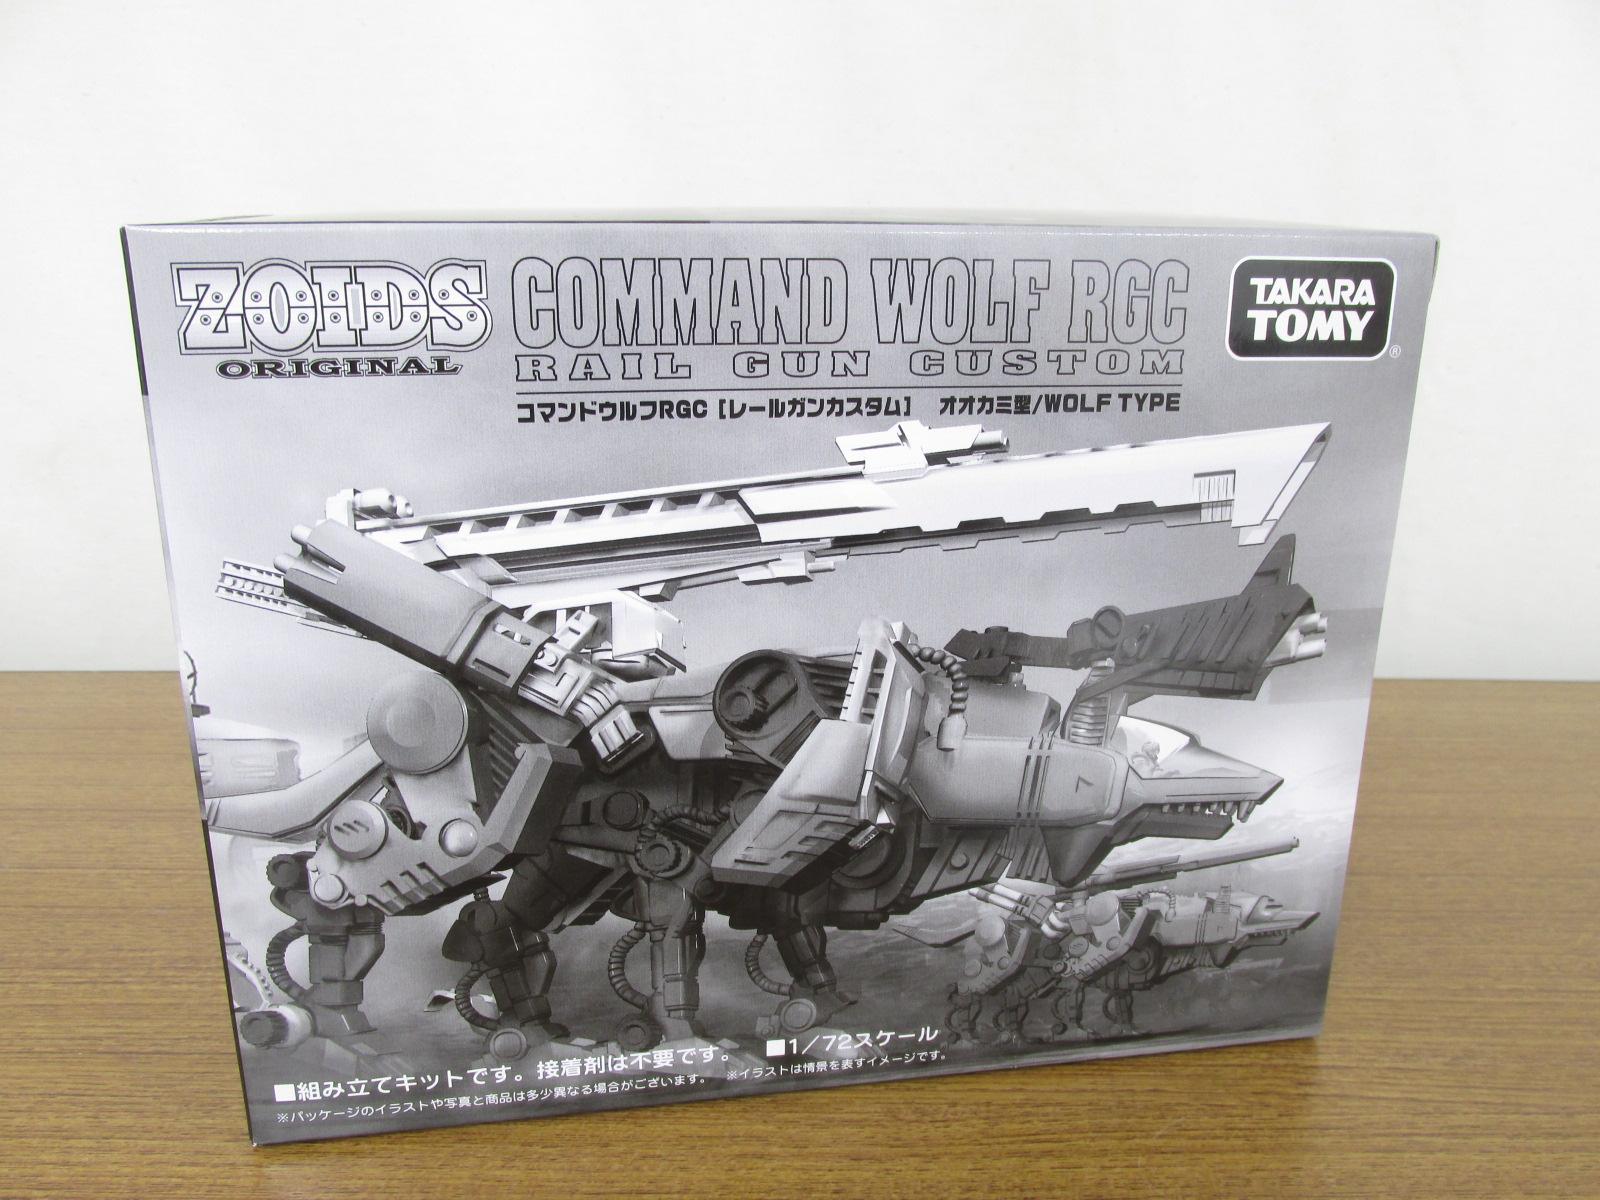 タカラトミー ゾイドオリジナル 1/72スケール コマンドウルフRGC レールガンカスタム オオカミ型/WOLF TYPE